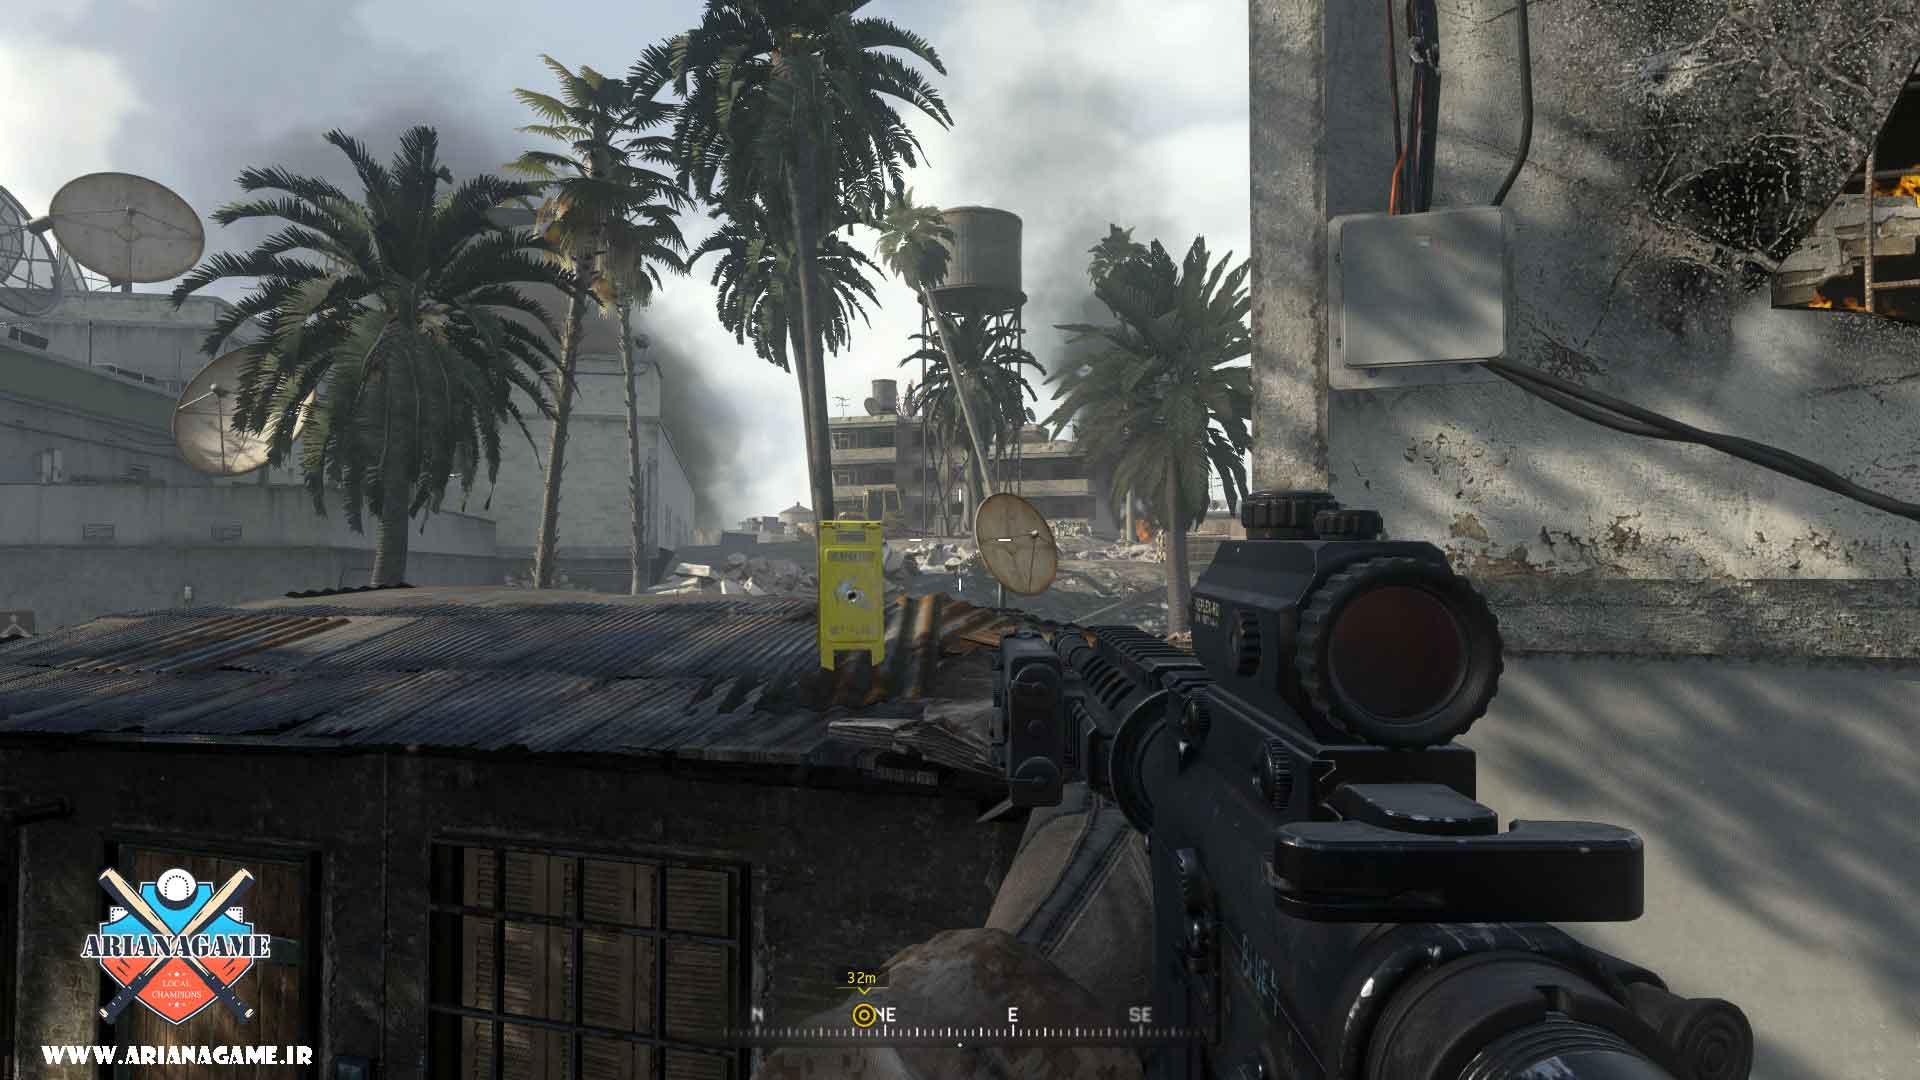 خرید بازی Call of Duty Modern Warfare Remastered برای PC